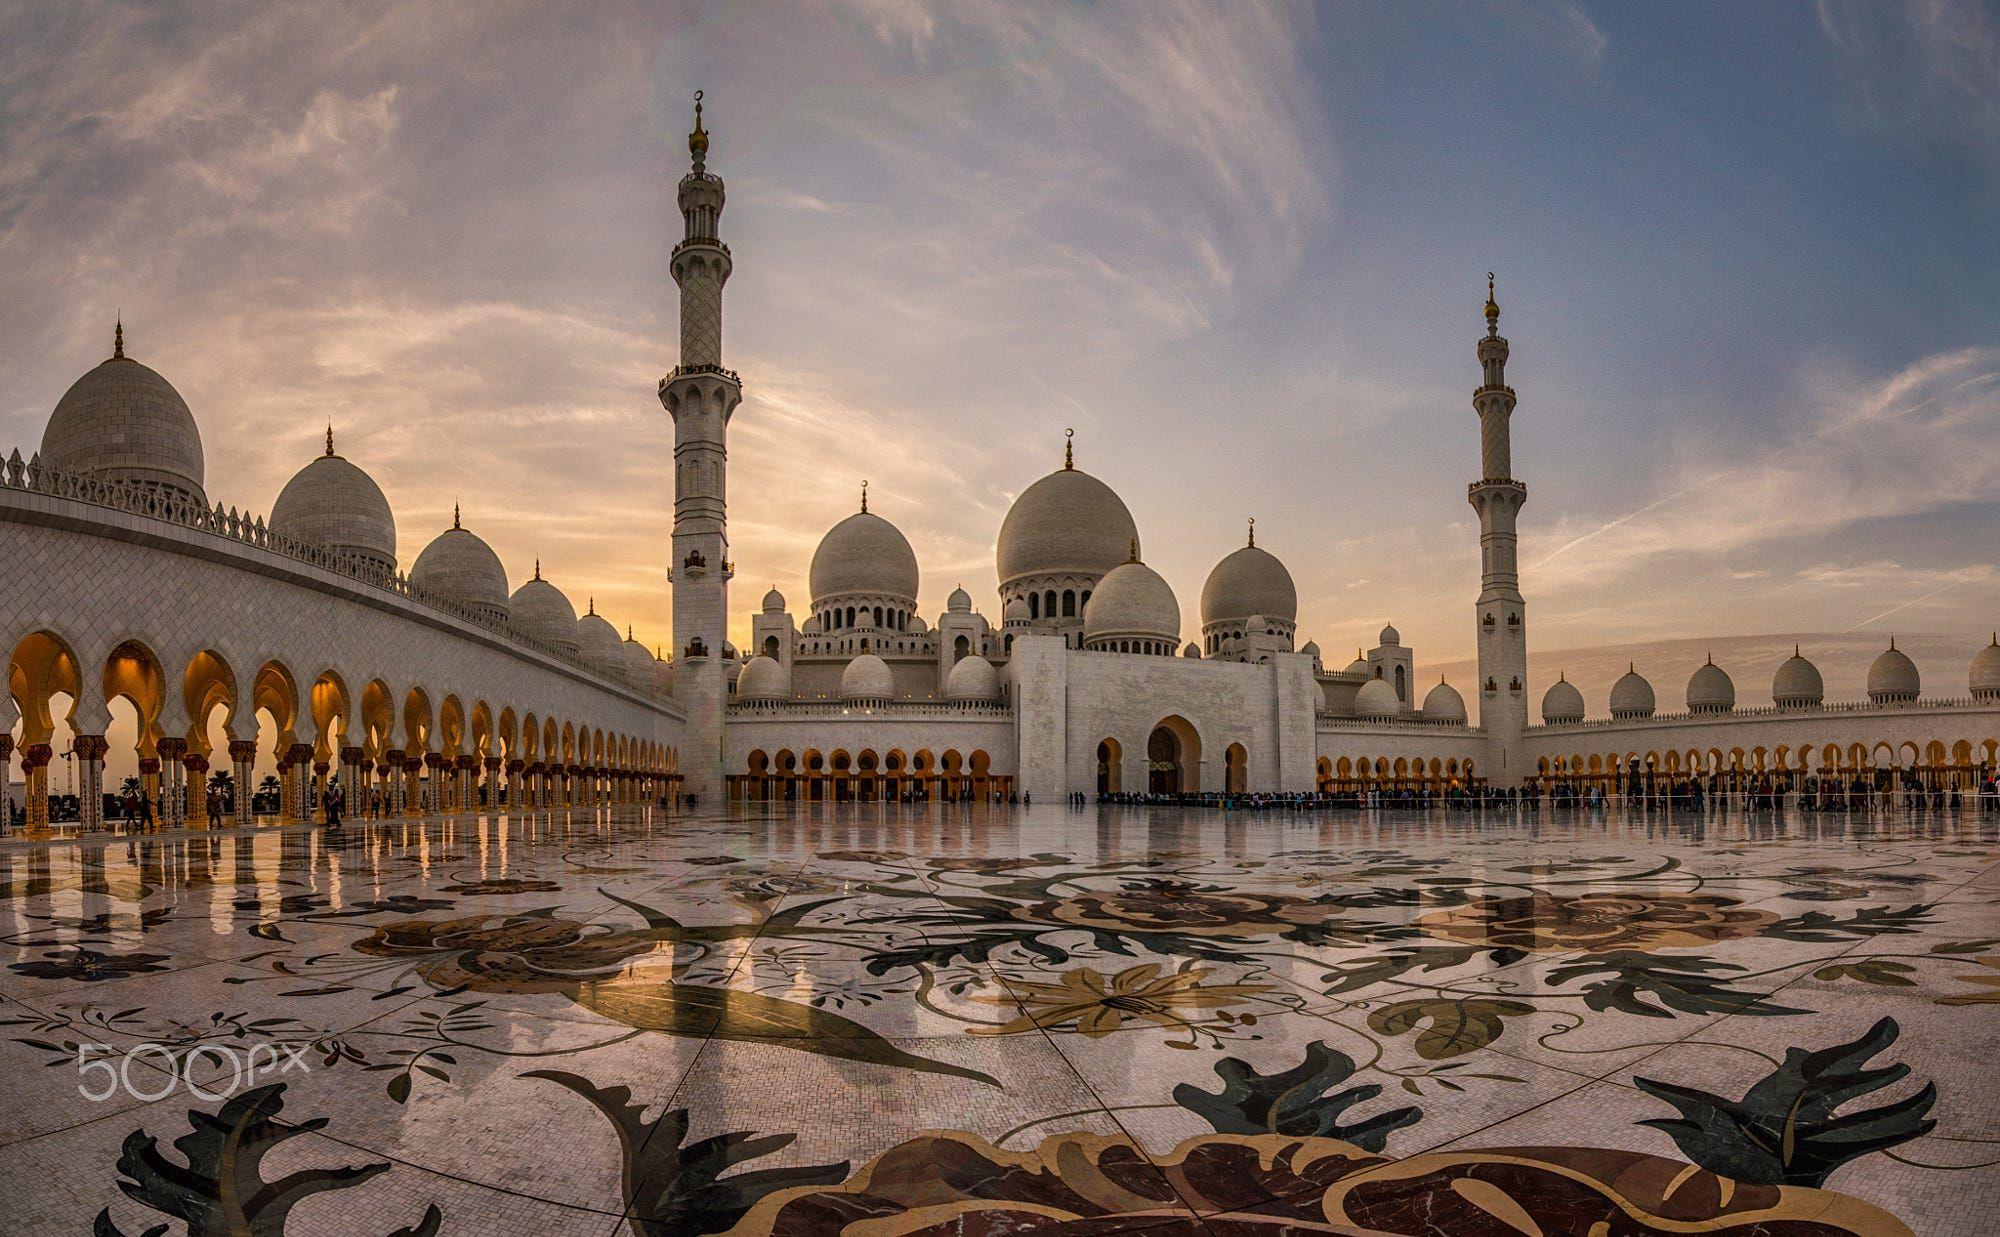 единственным крупным самые красивые мечети мира фотографии зависимости вида формируется